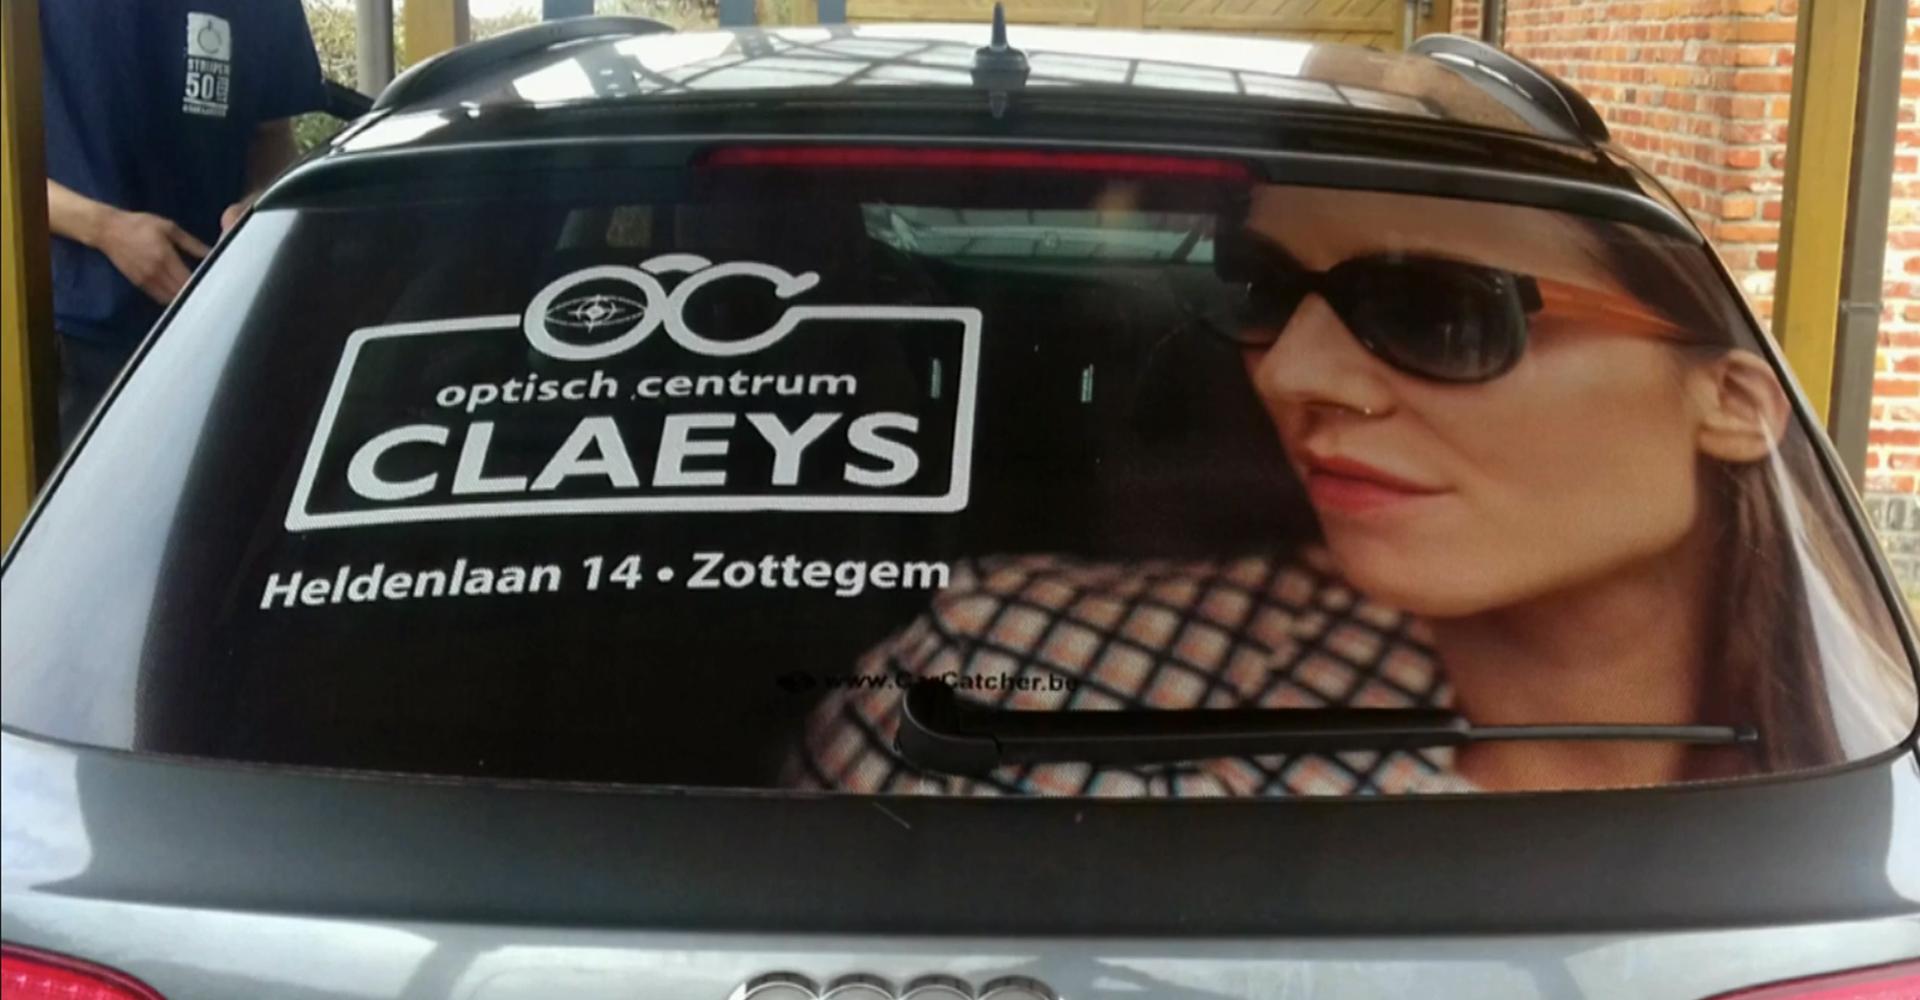 Optiek Claeys nu ook in het straatbeeld!